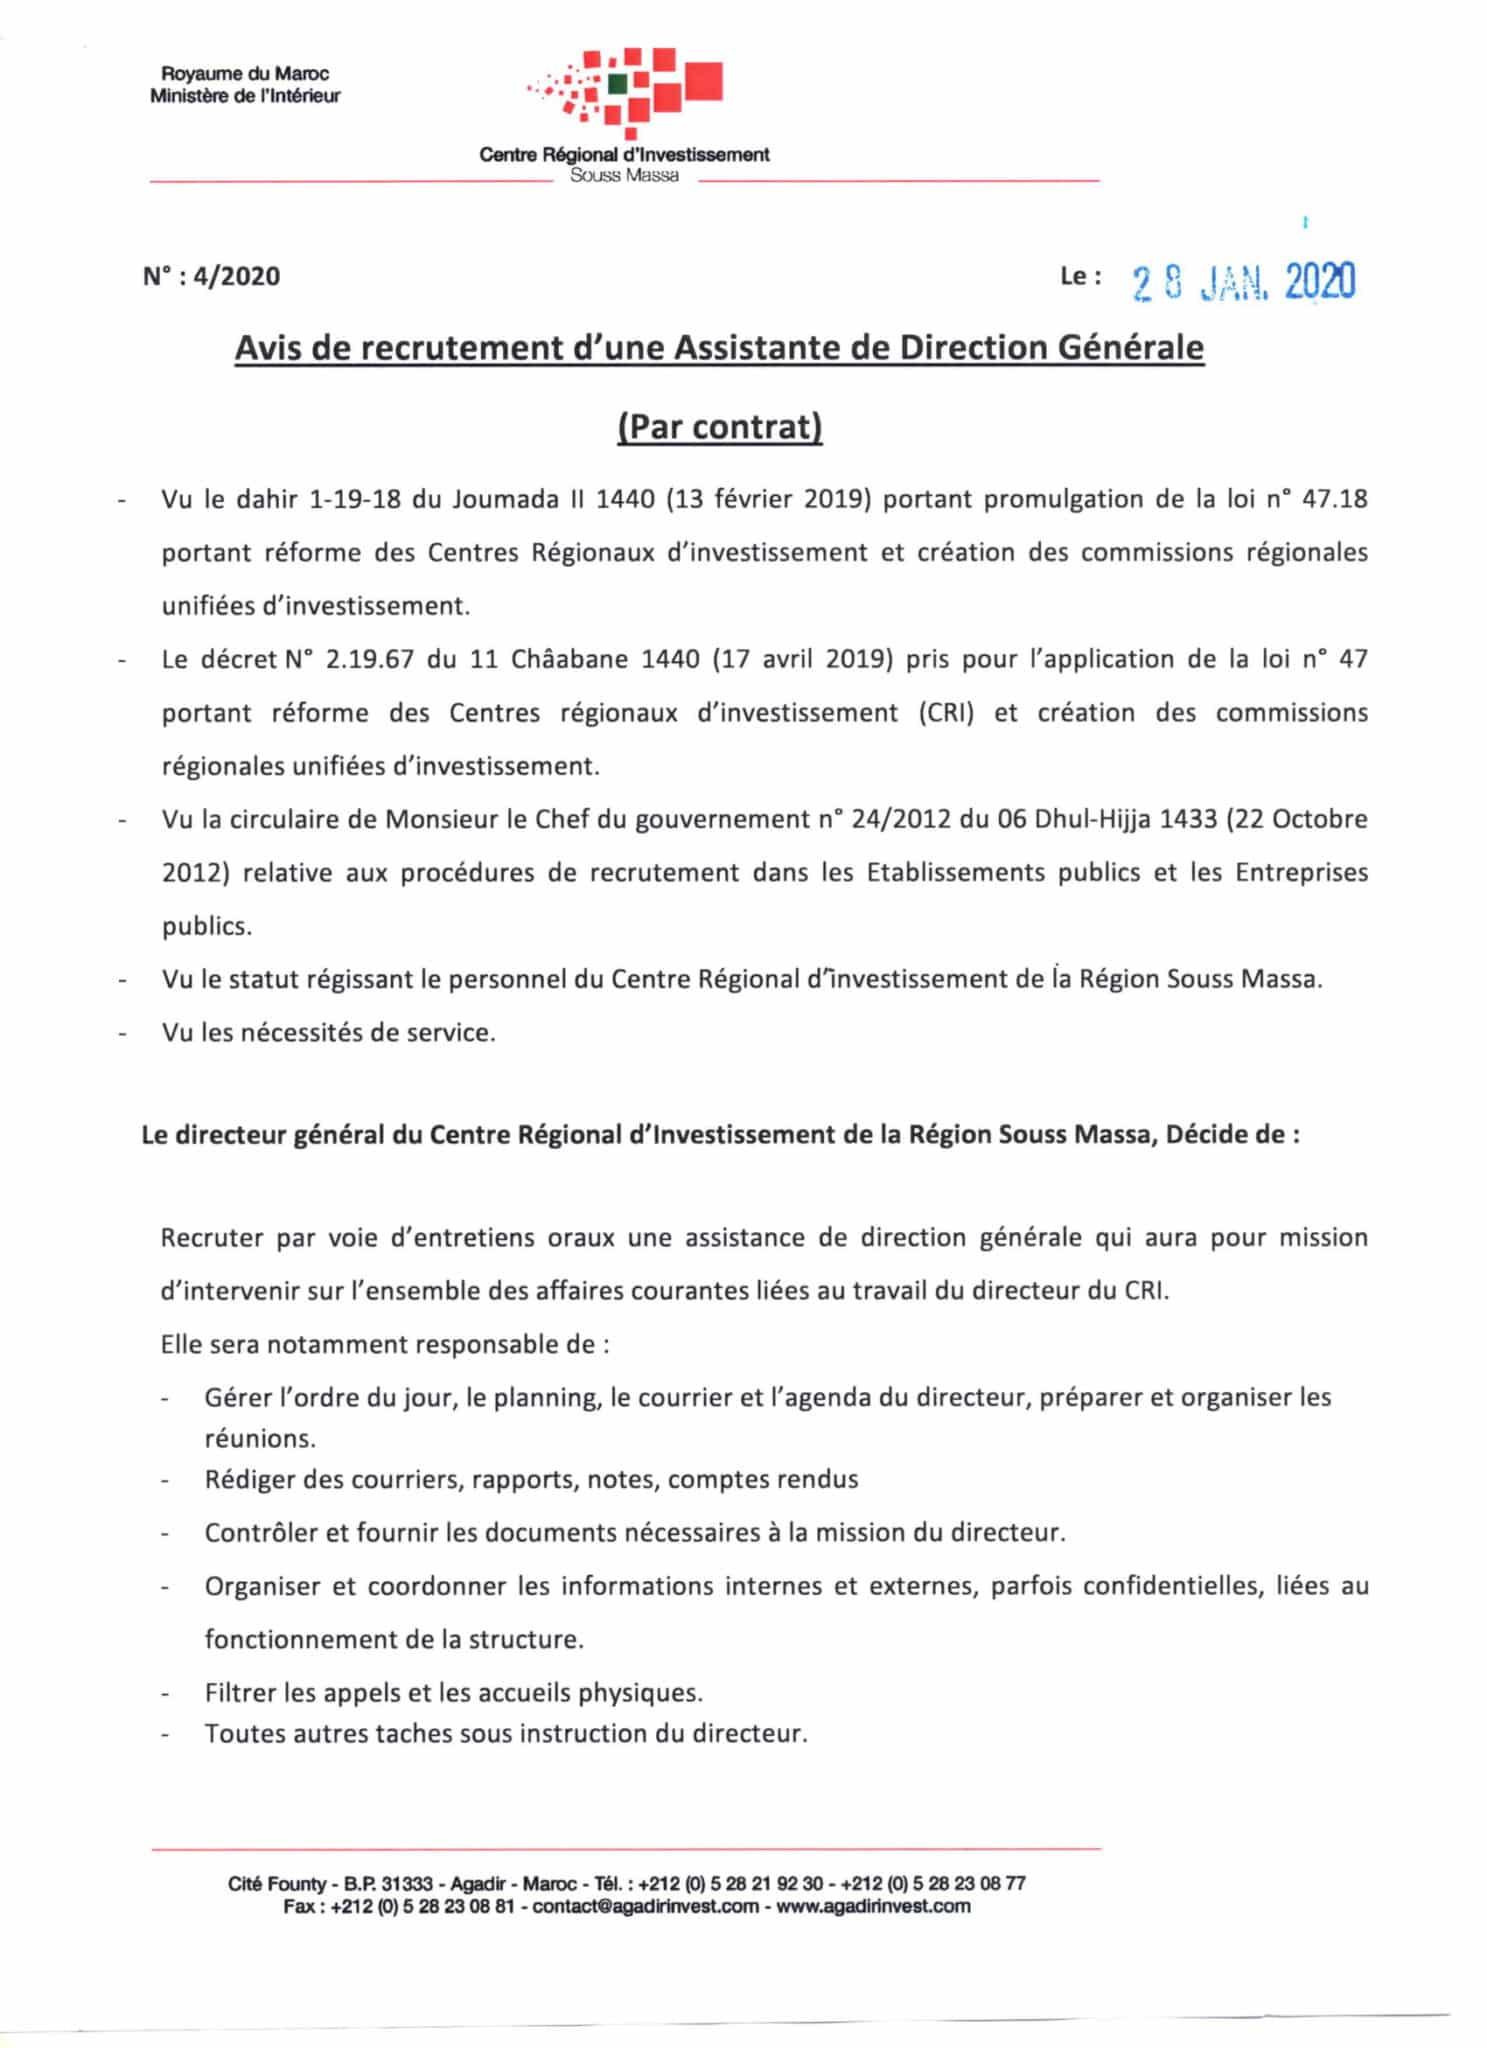 Assistantededirection14 1 scaled Centre Régional d'Investissement Souss Massa recrute Assistante de Direction Générale